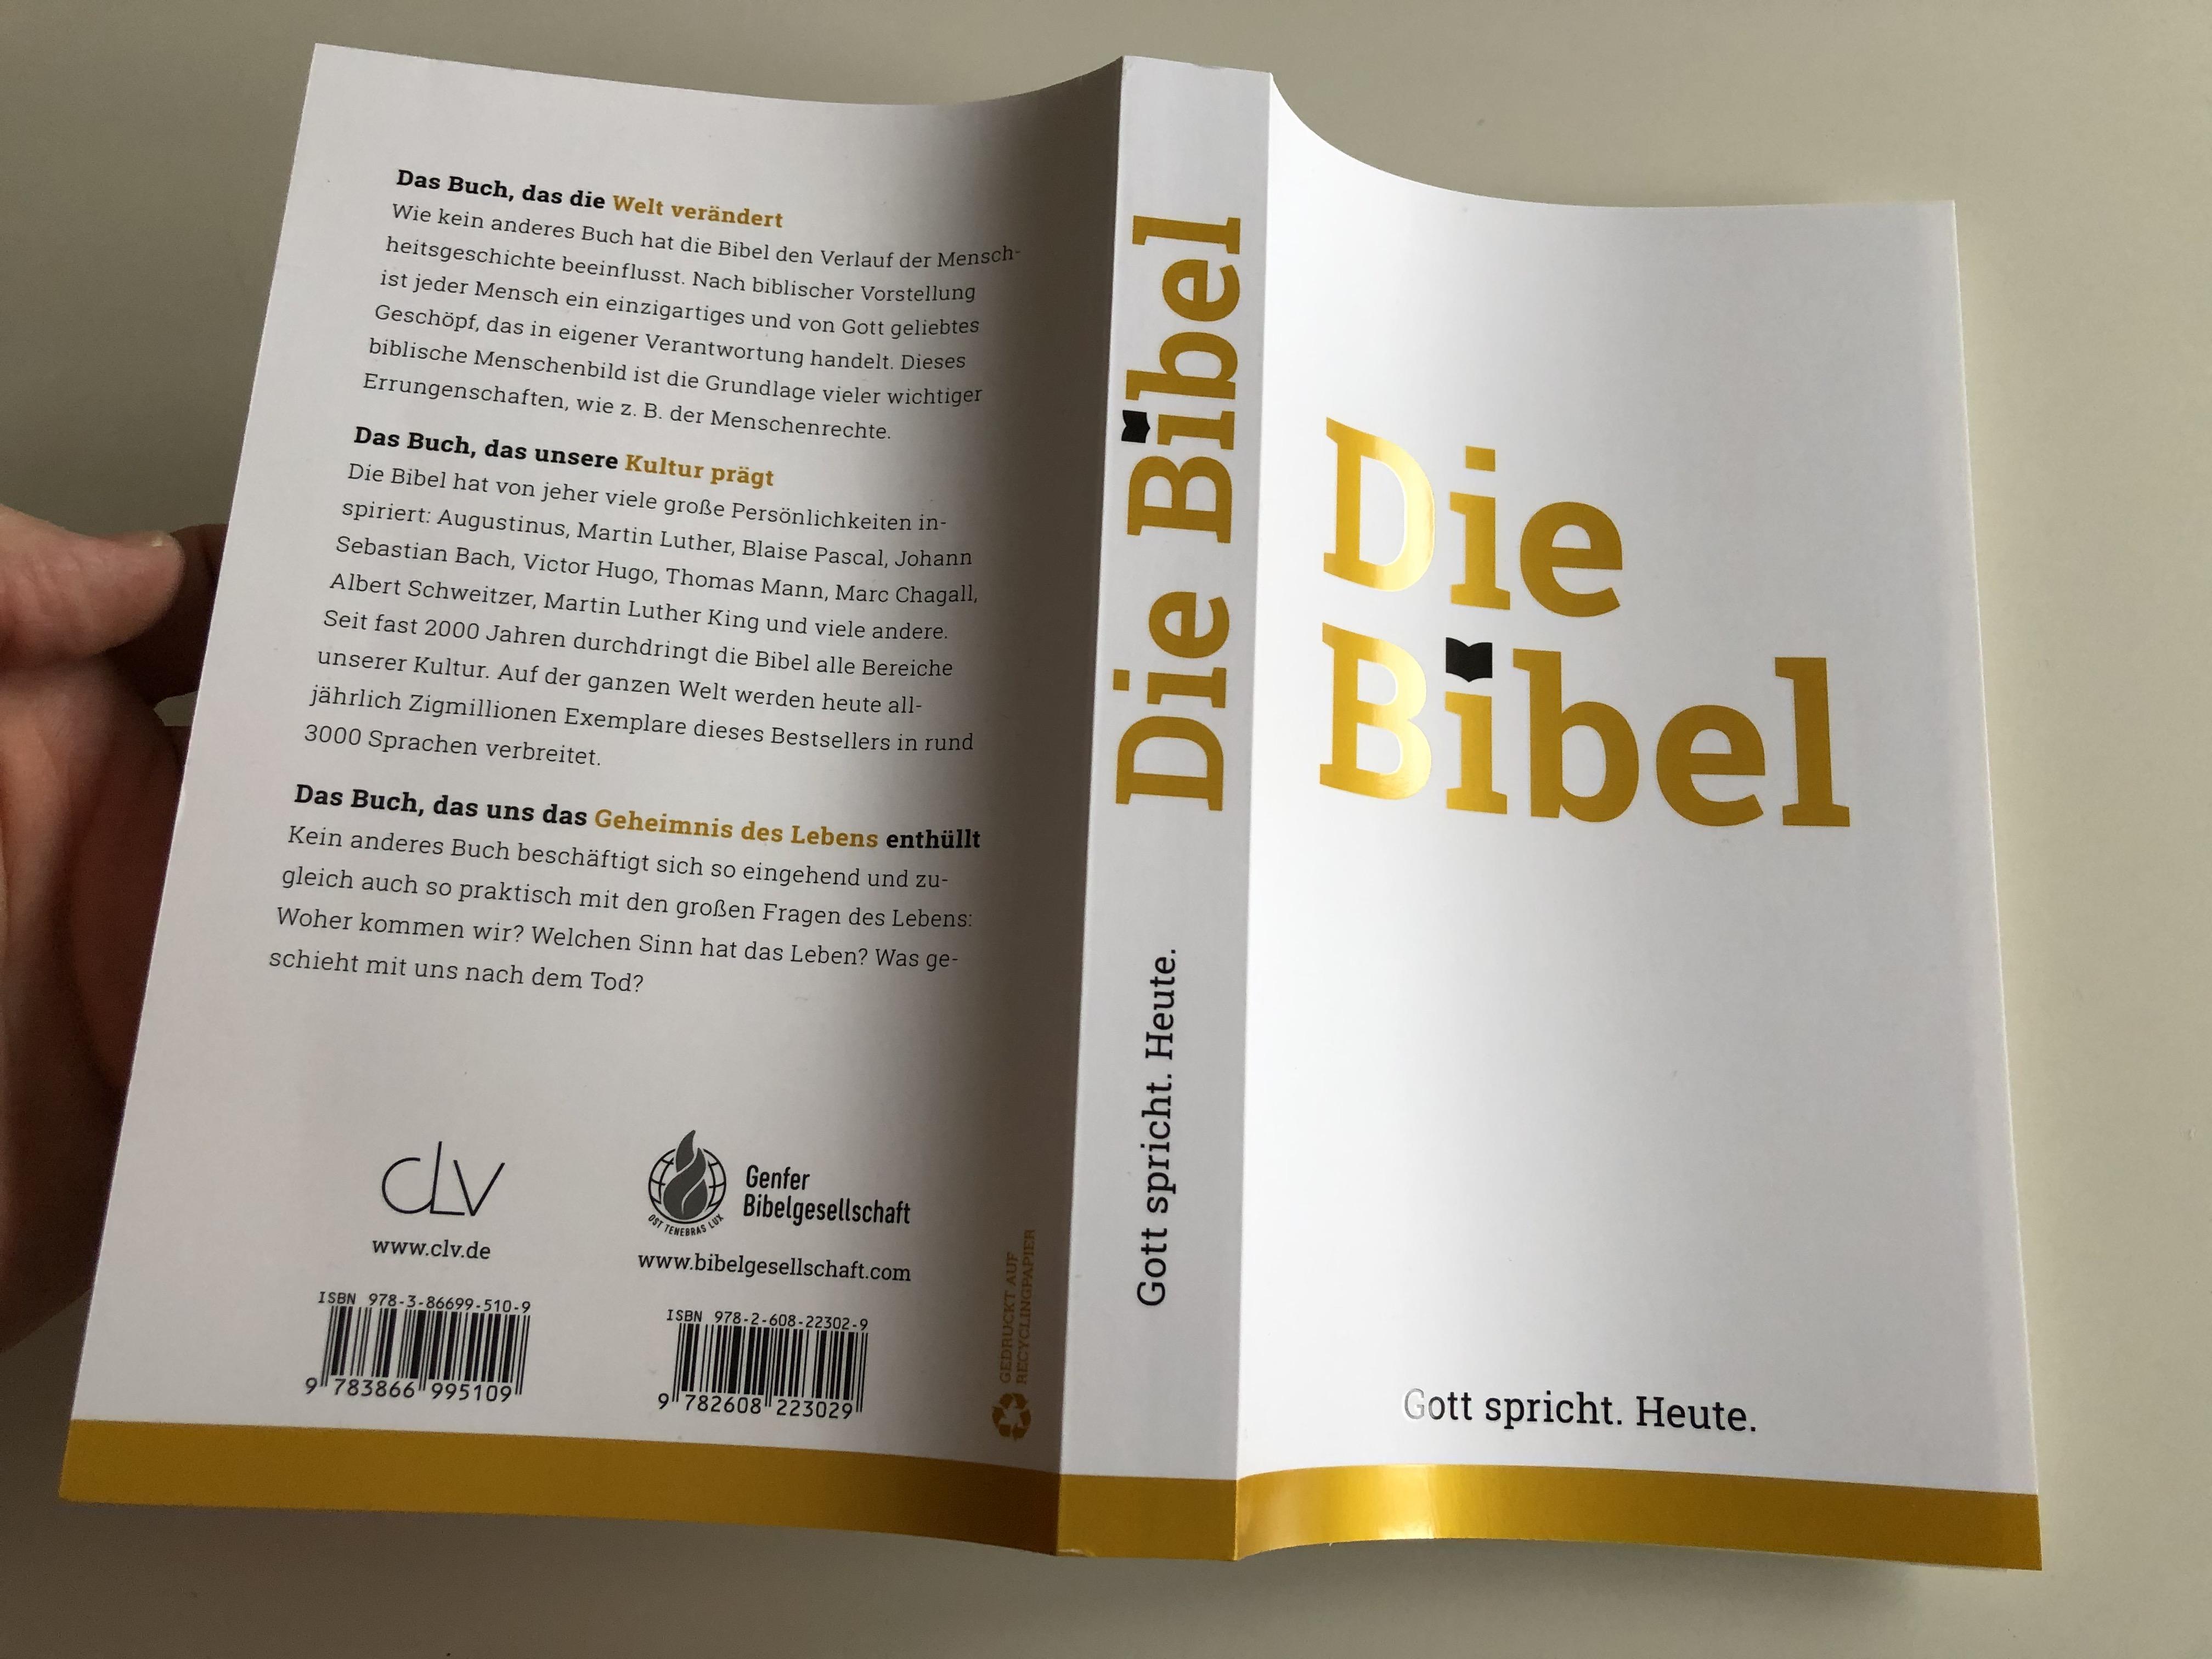 die-bibel-german-language-holy-bible-god-speaks.-today-2.jpg